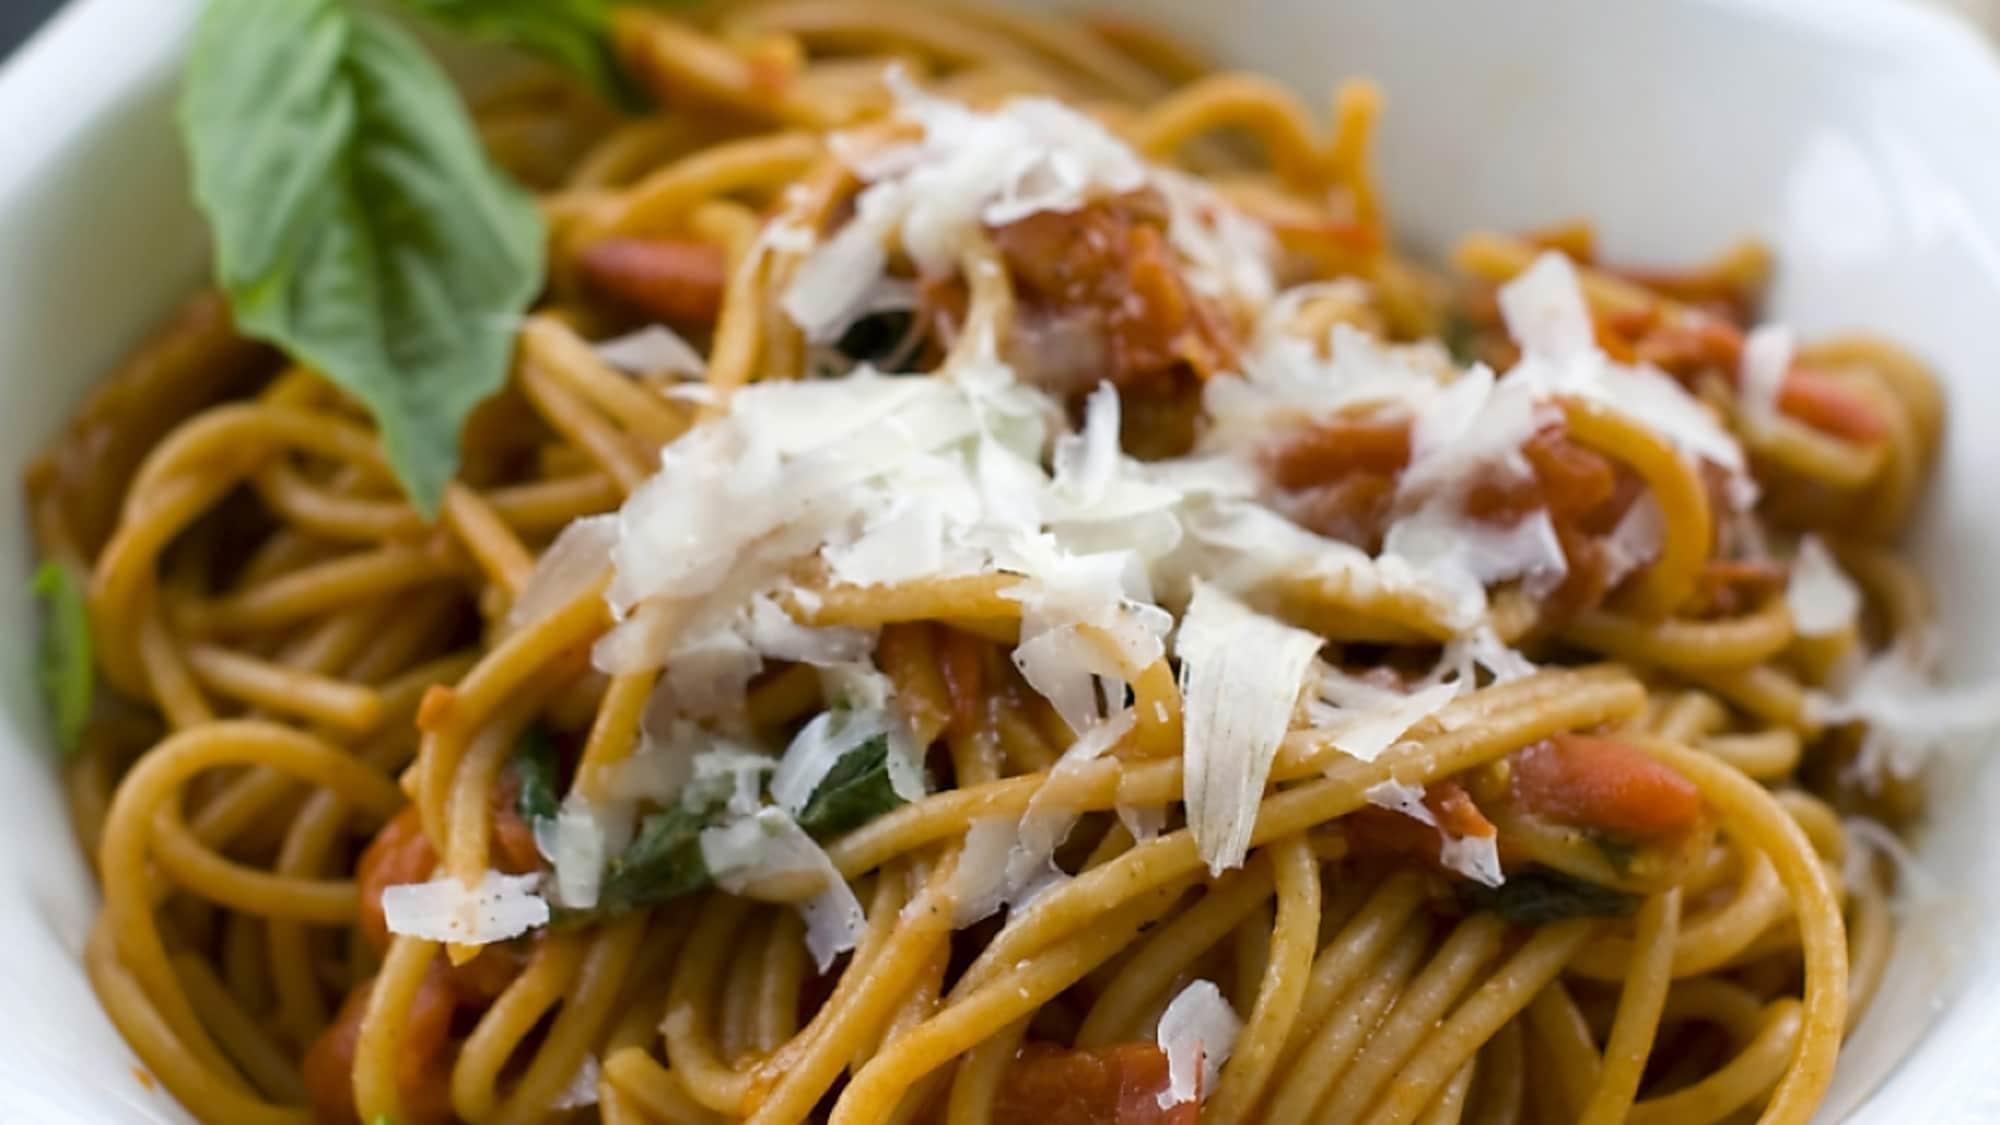 Restaurantkette: Vapiano will nach überraschendem Chef-Abgang Sanierung fortsetzen